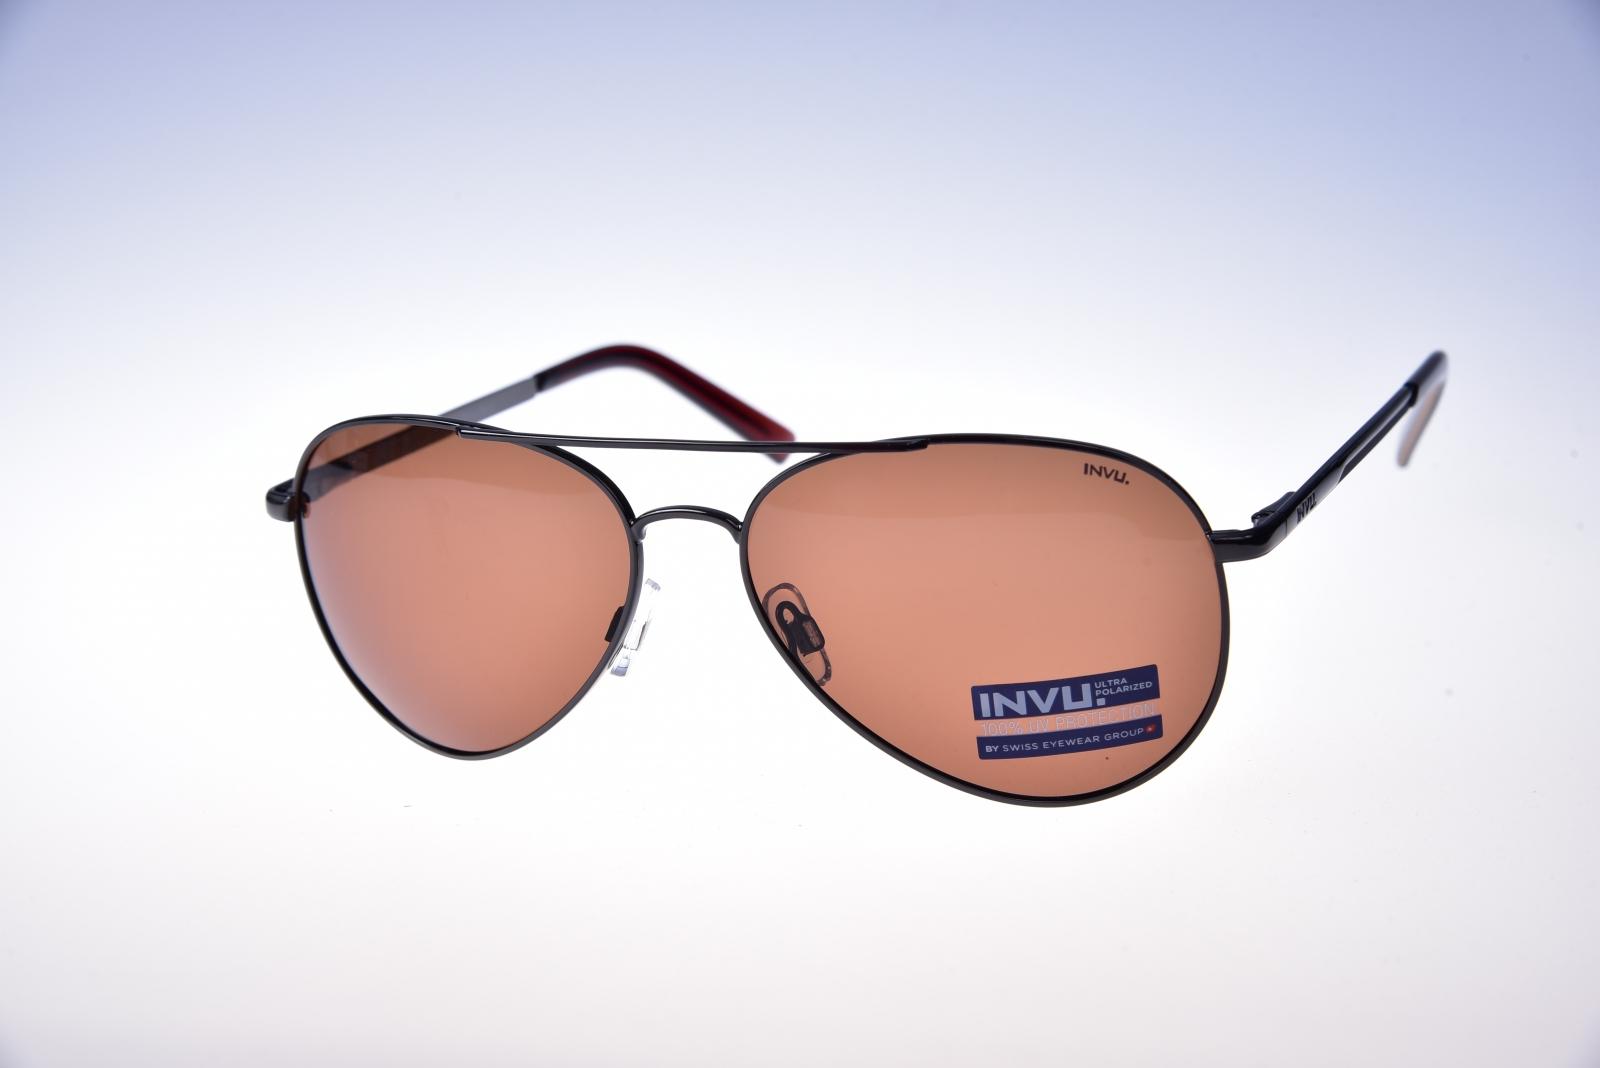 INVU. Classic B1812C - Unisex slnečné okuliare